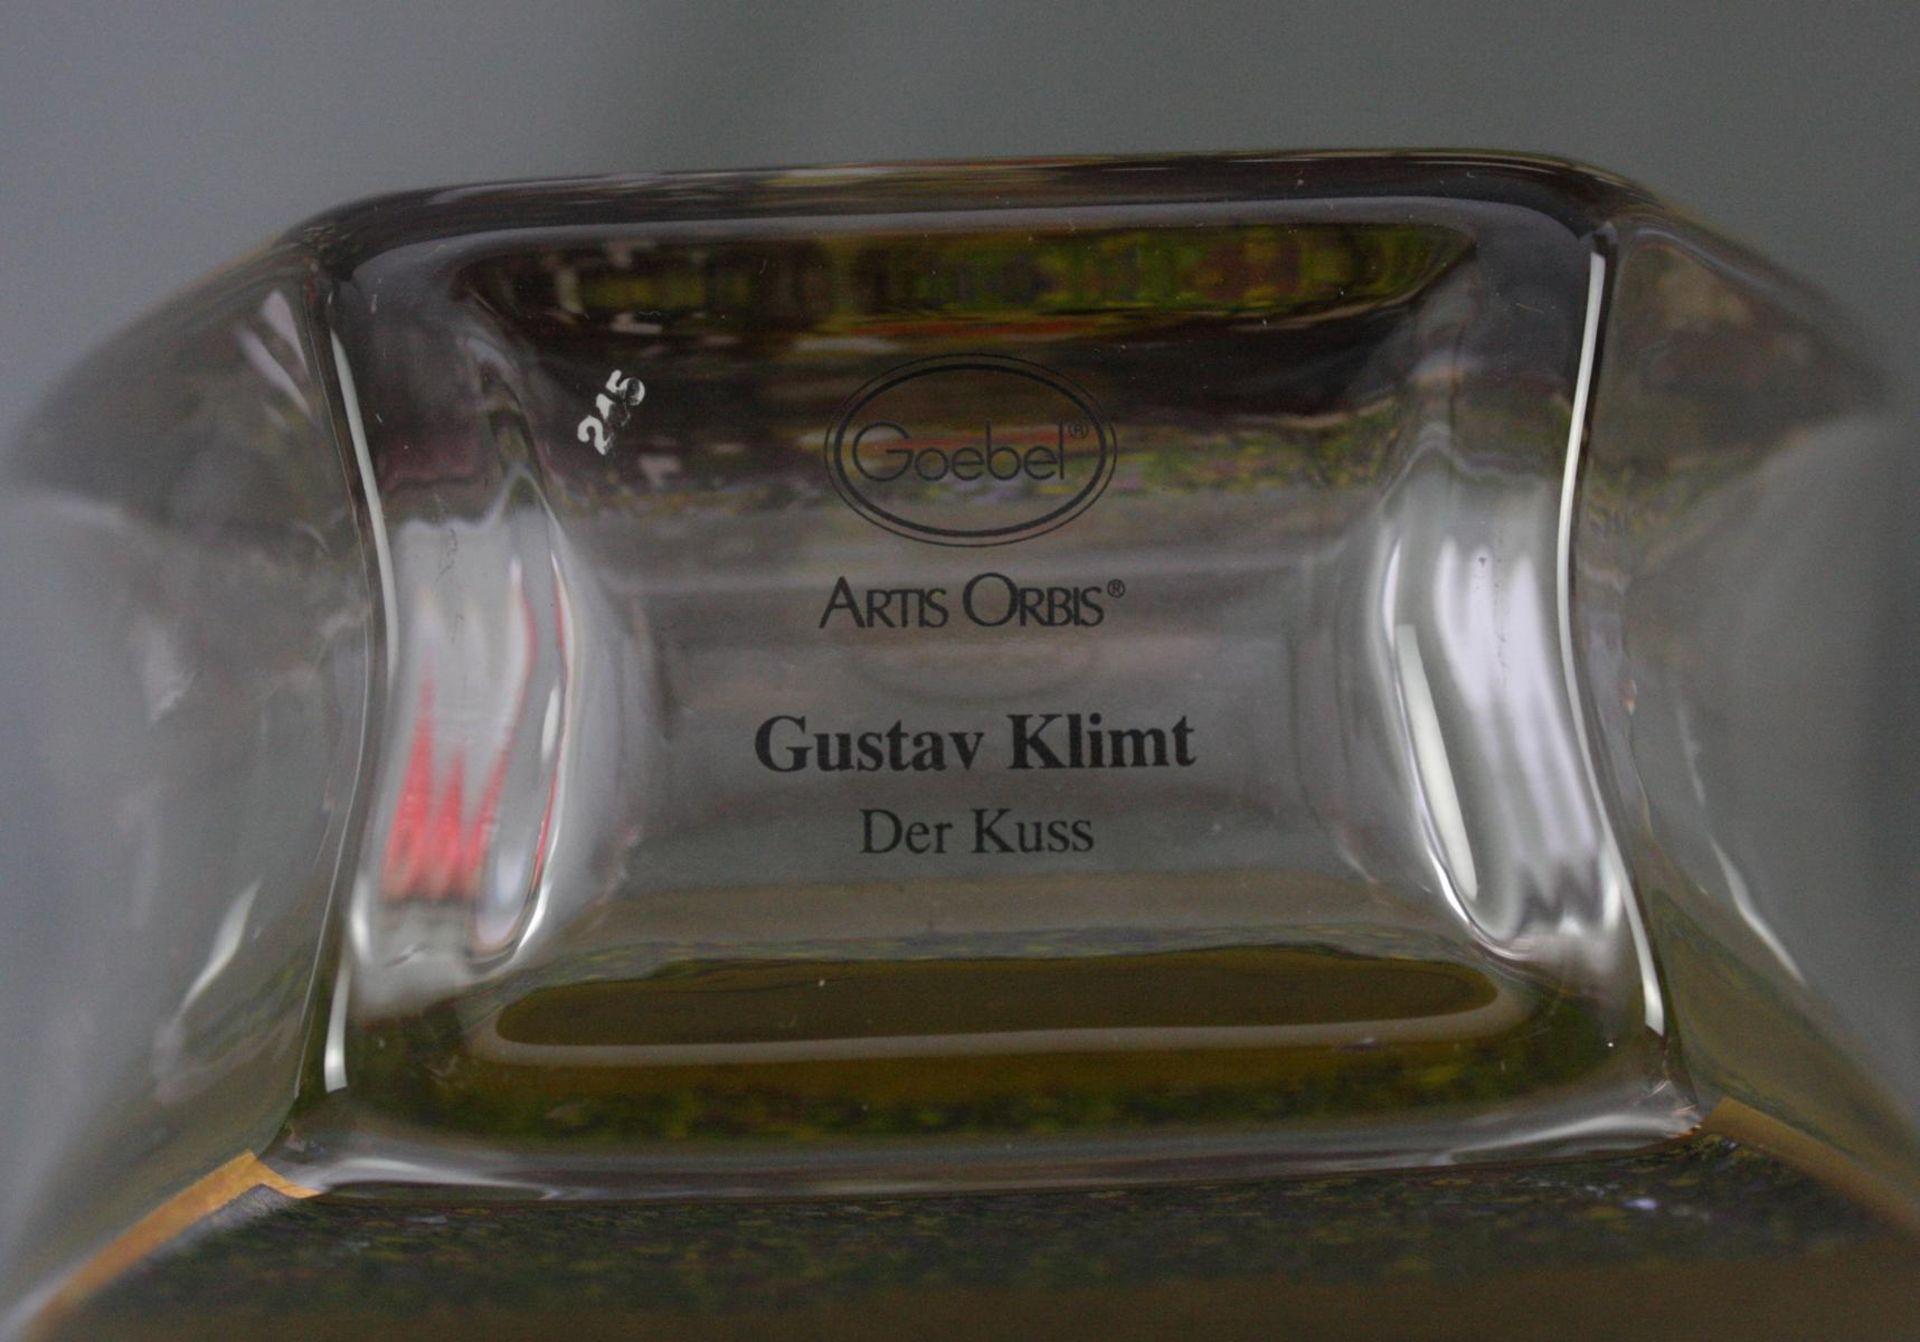 Zwei Goebel Artis Orbis Gustav Klimt Vasen. Porzellan und Glas - Bild 6 aus 7